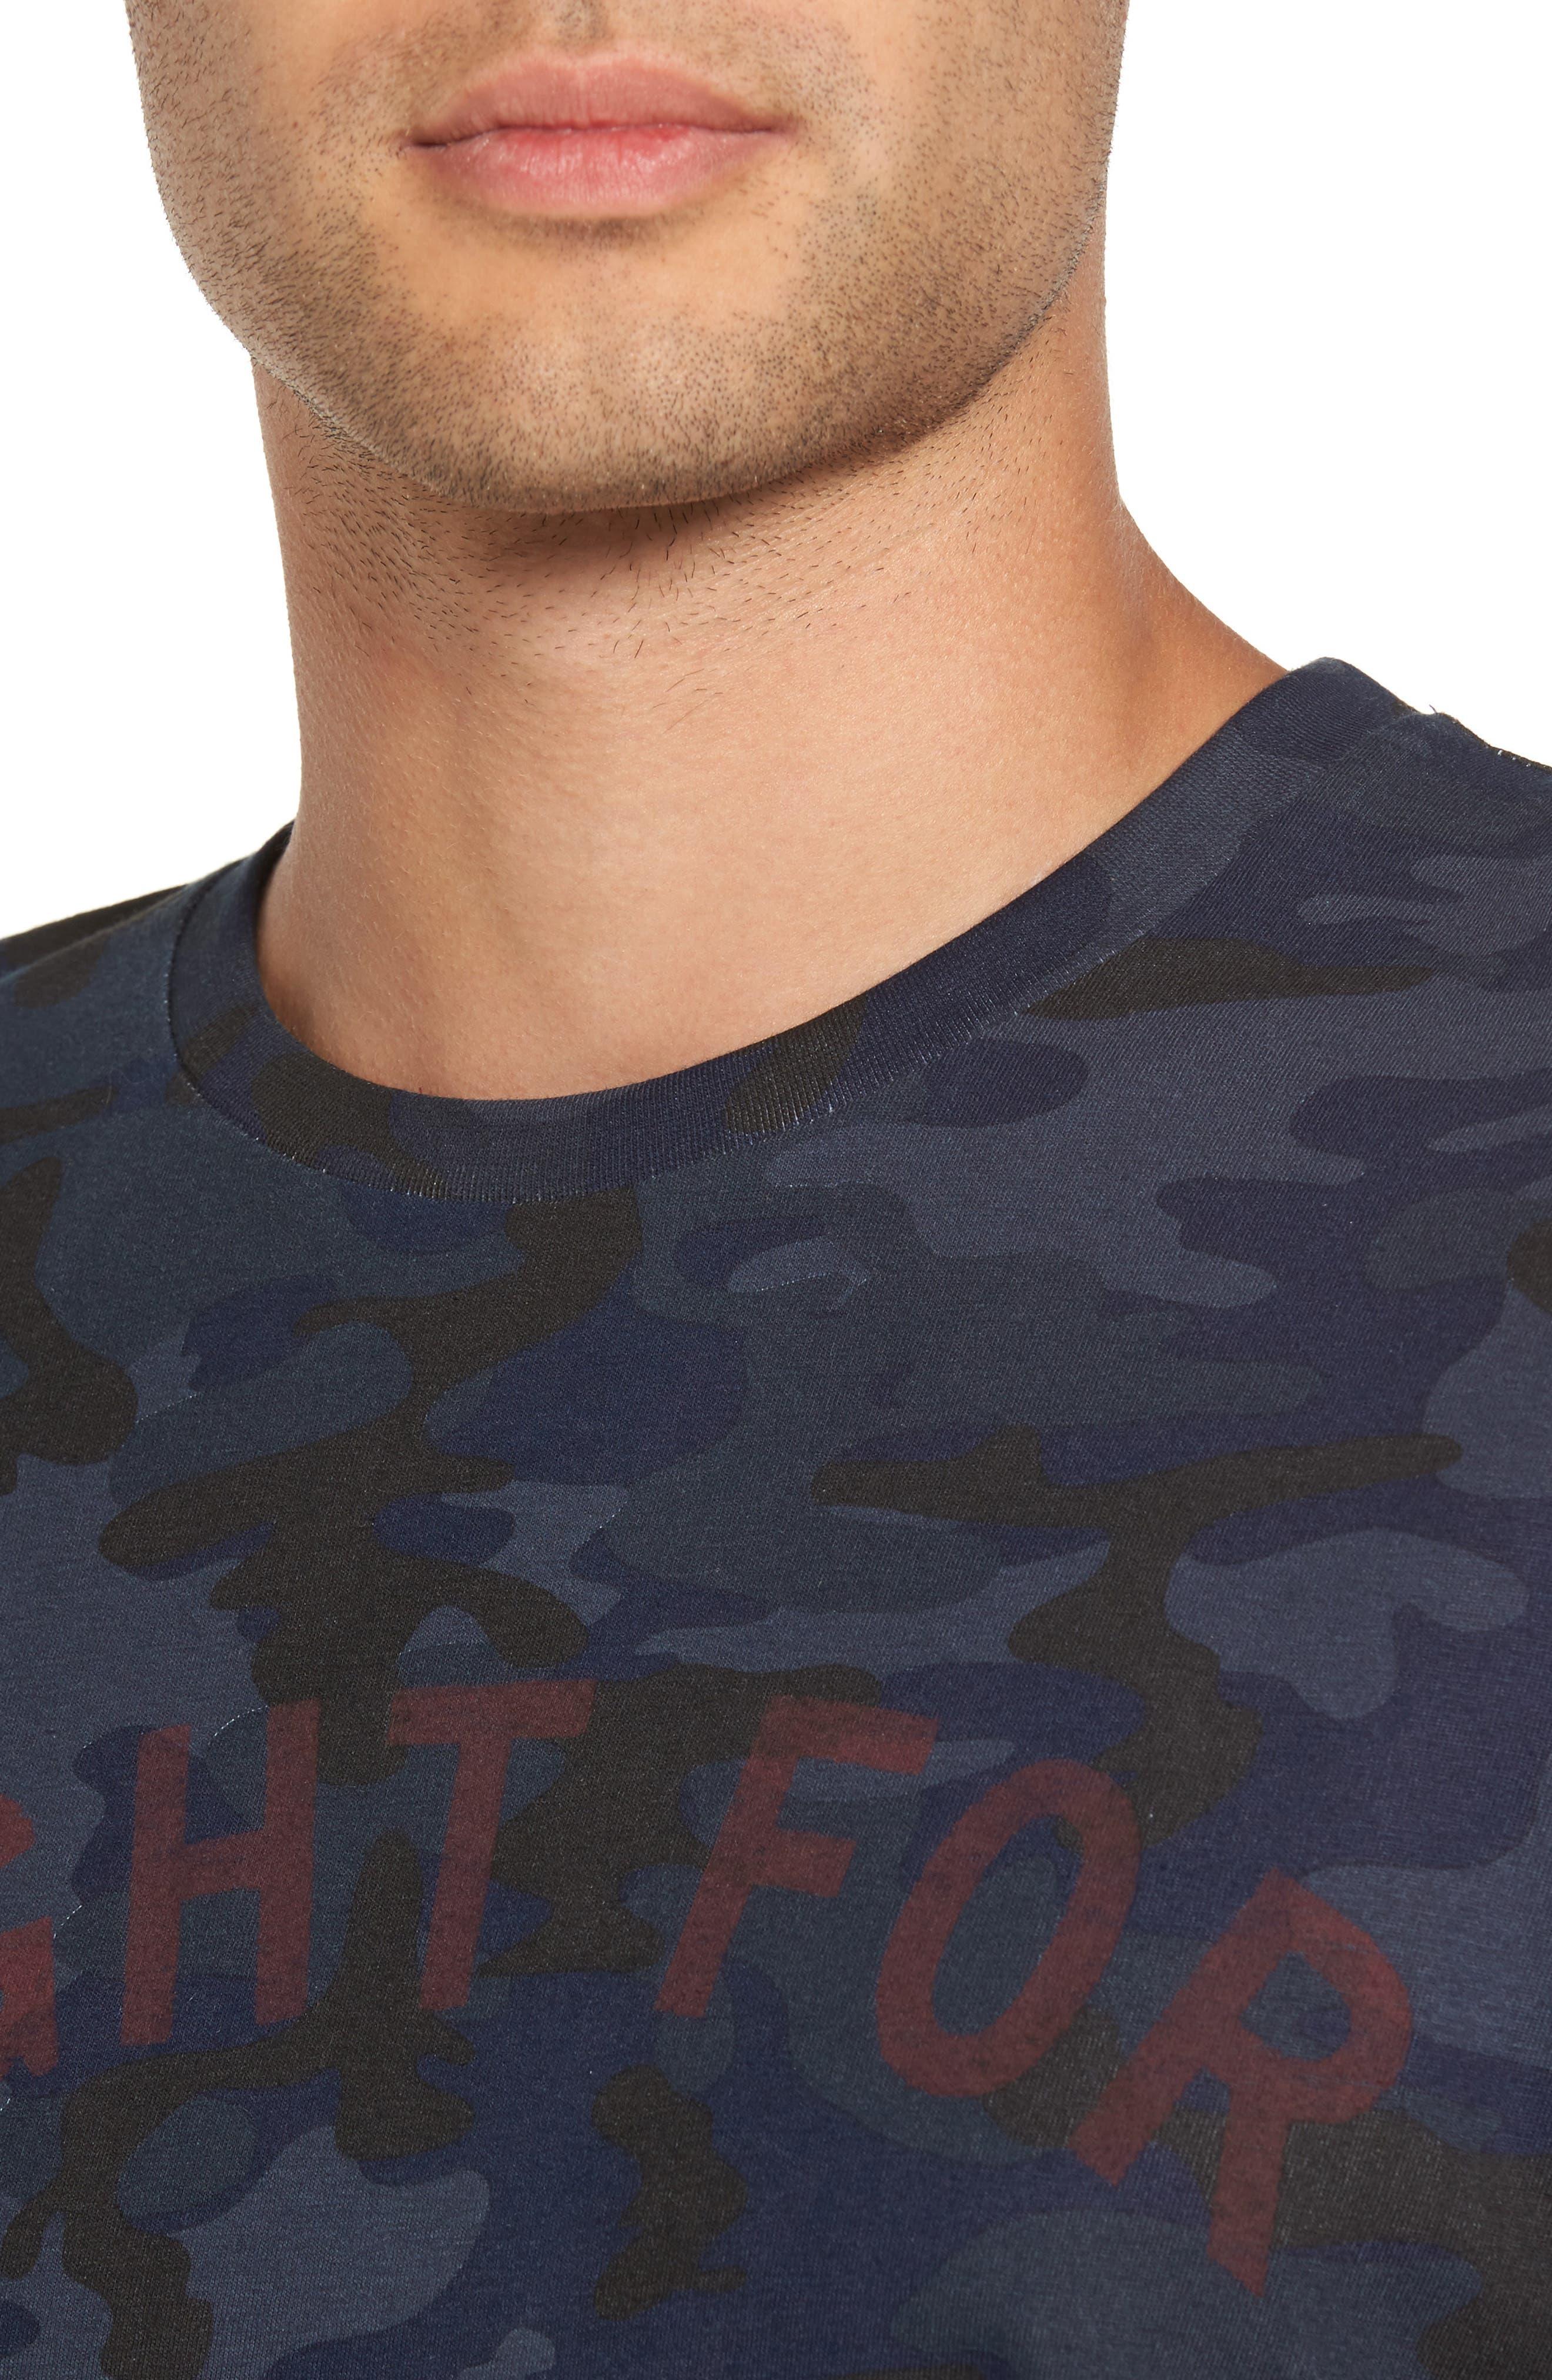 Noght T-Shirt,                             Alternate thumbnail 4, color,                             001